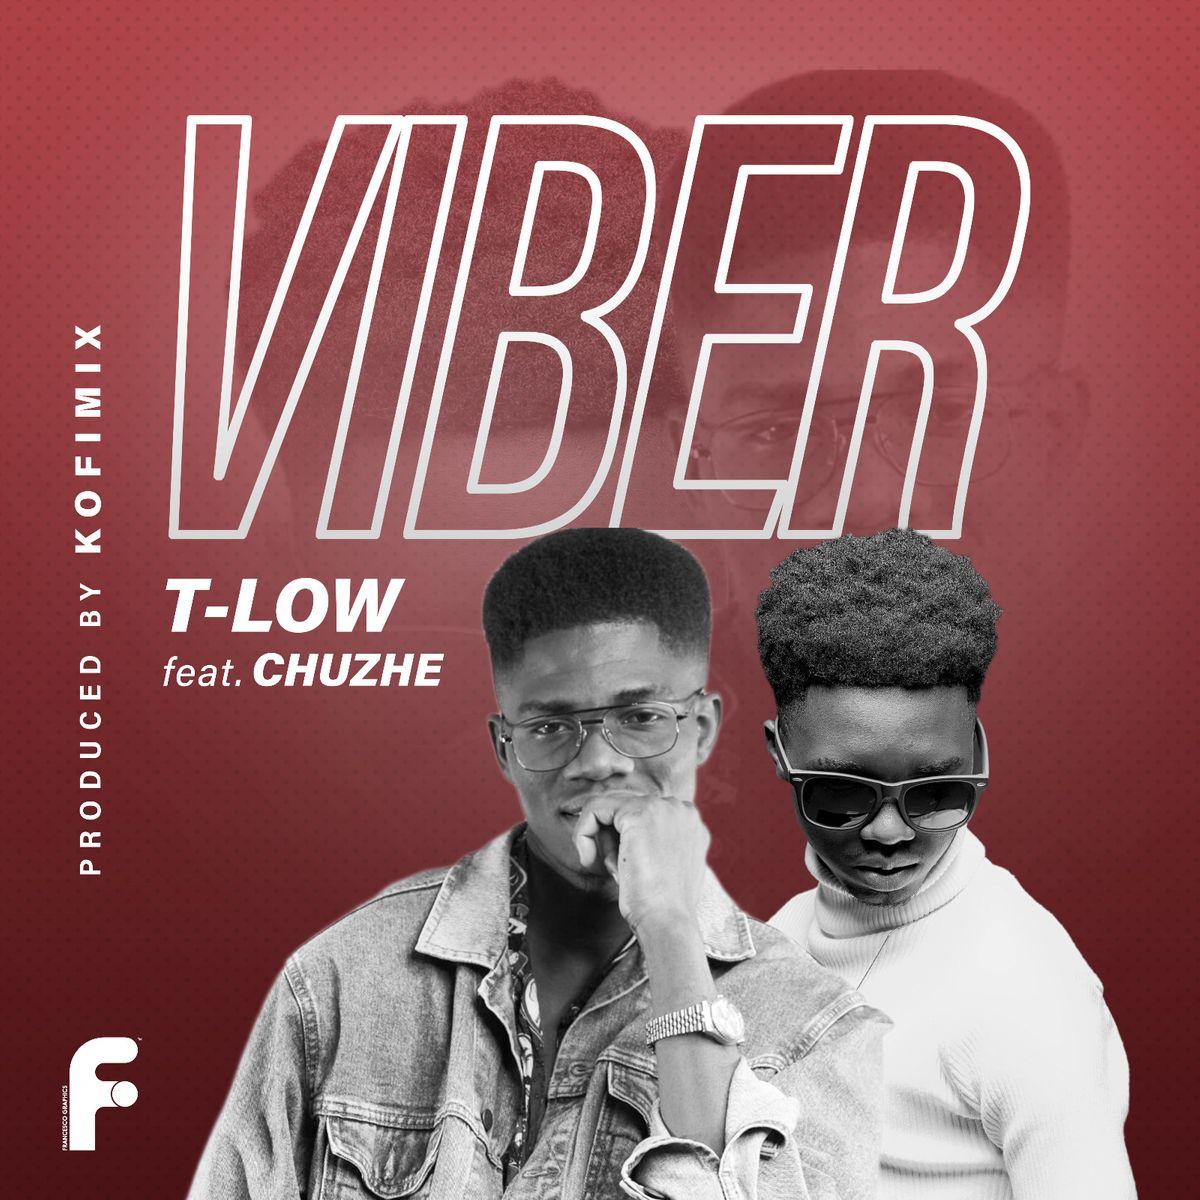 T-Low ft. Chuzhe int. - Viber (Prod. Kofi Mix)